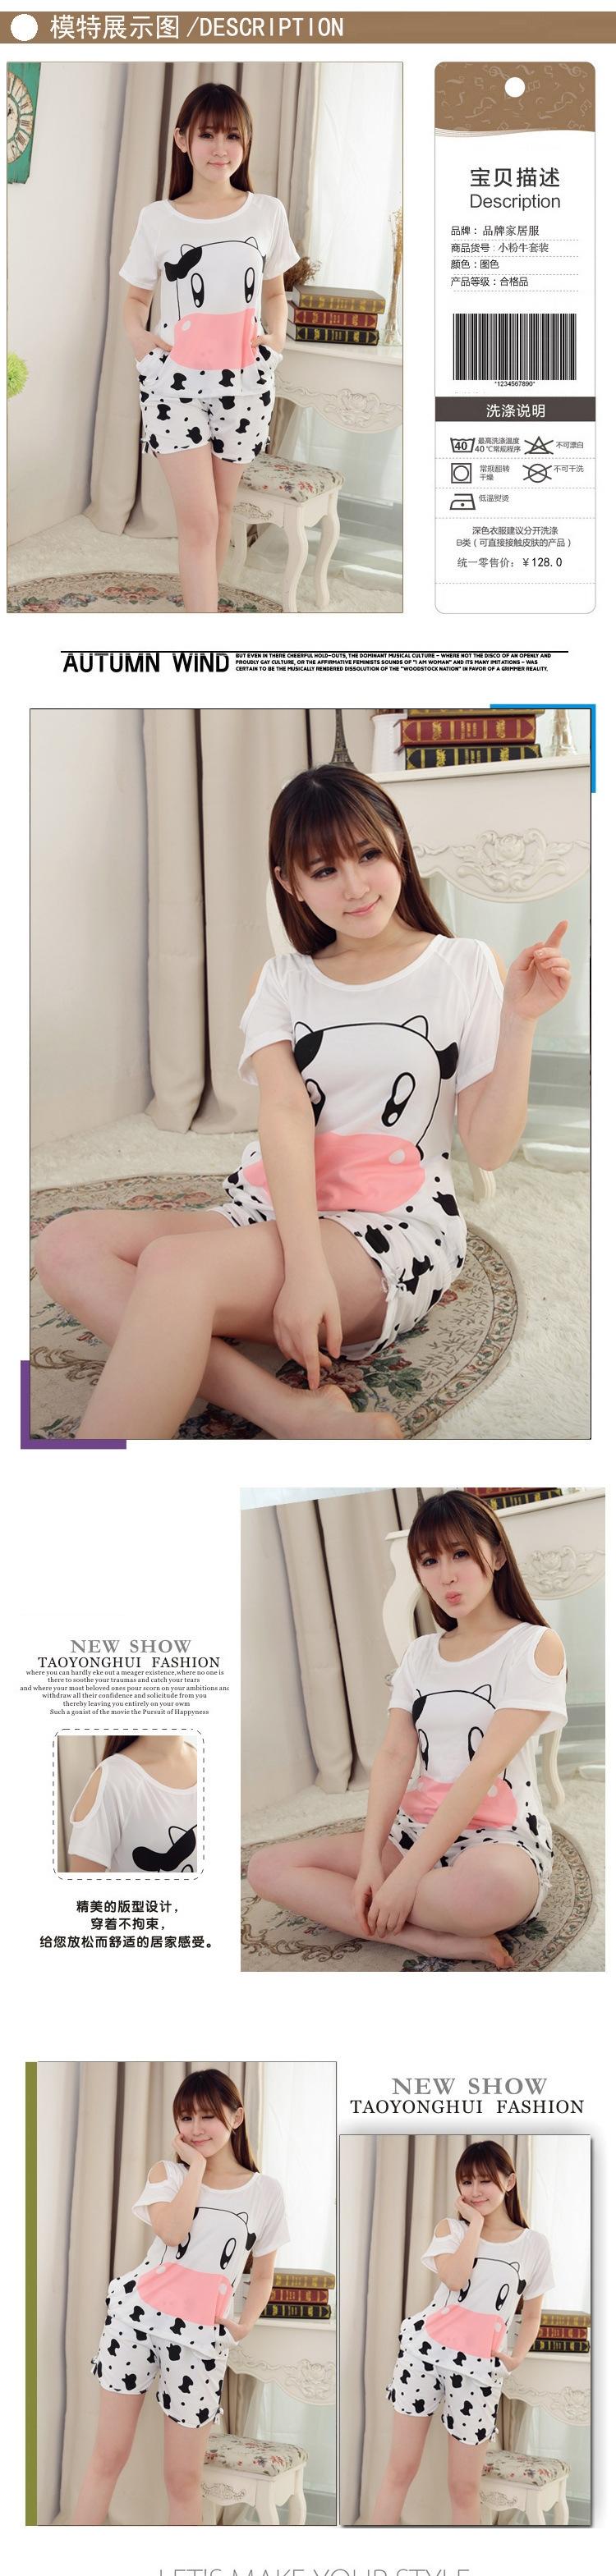 ชุดนอนเกาหลี ลายน้องวัวน่ารัก